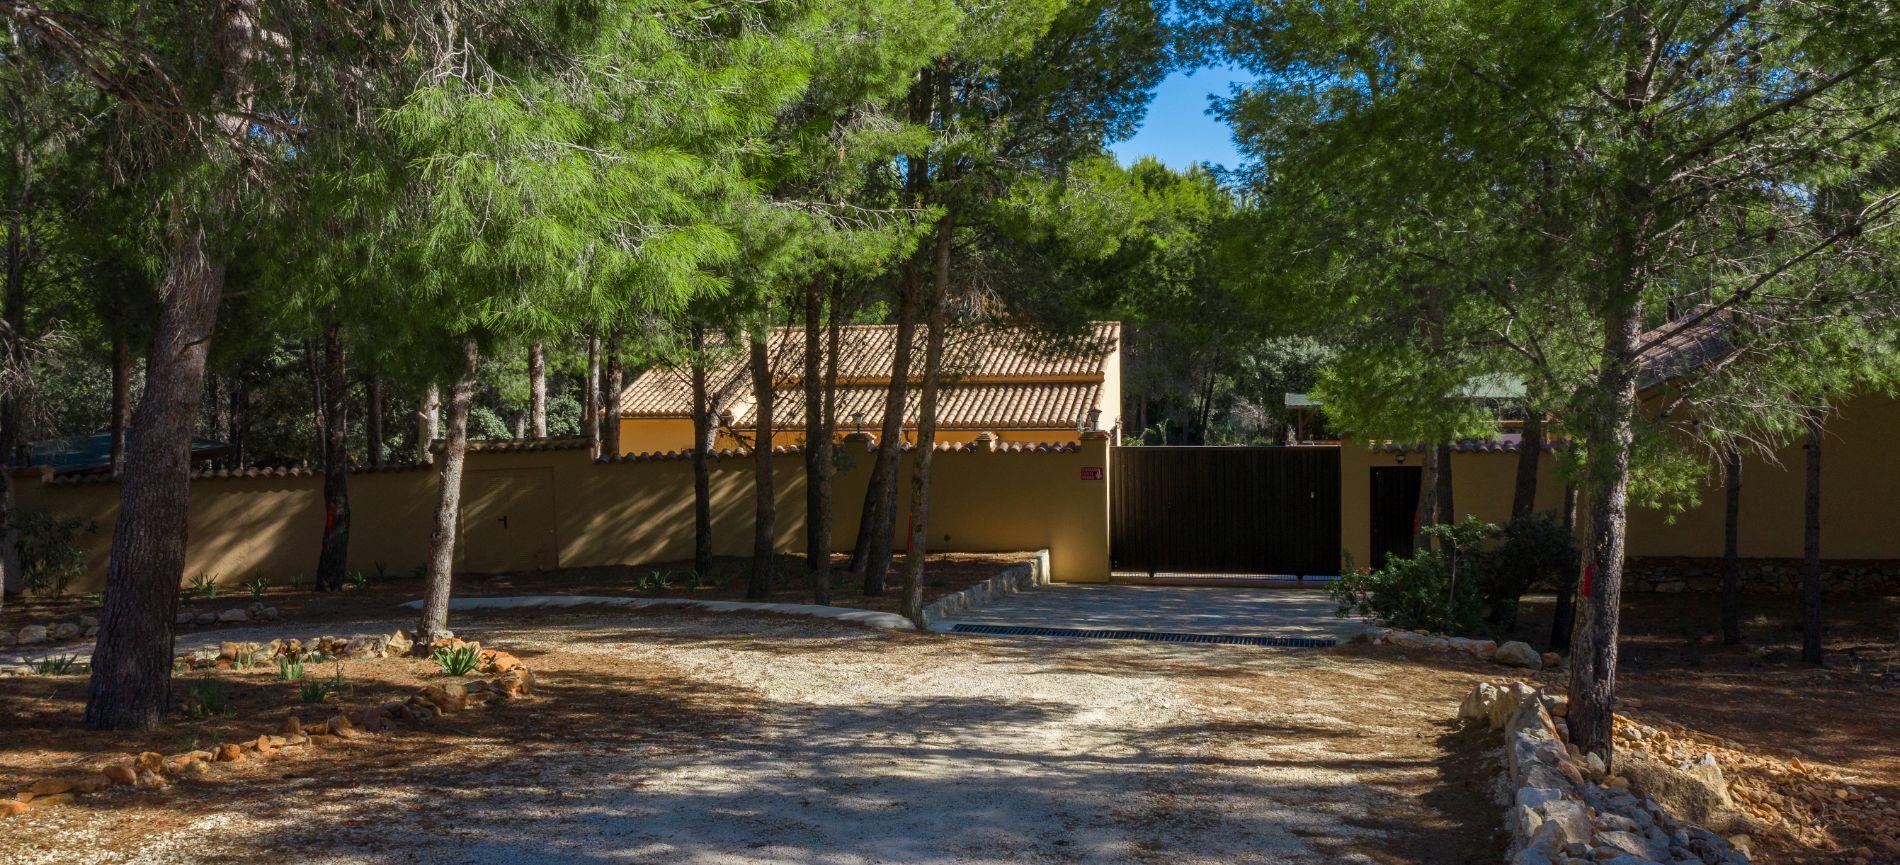 Fotogalería - 9 - Olea-Home   Real Estate en Orba y Teulada-Moraira  